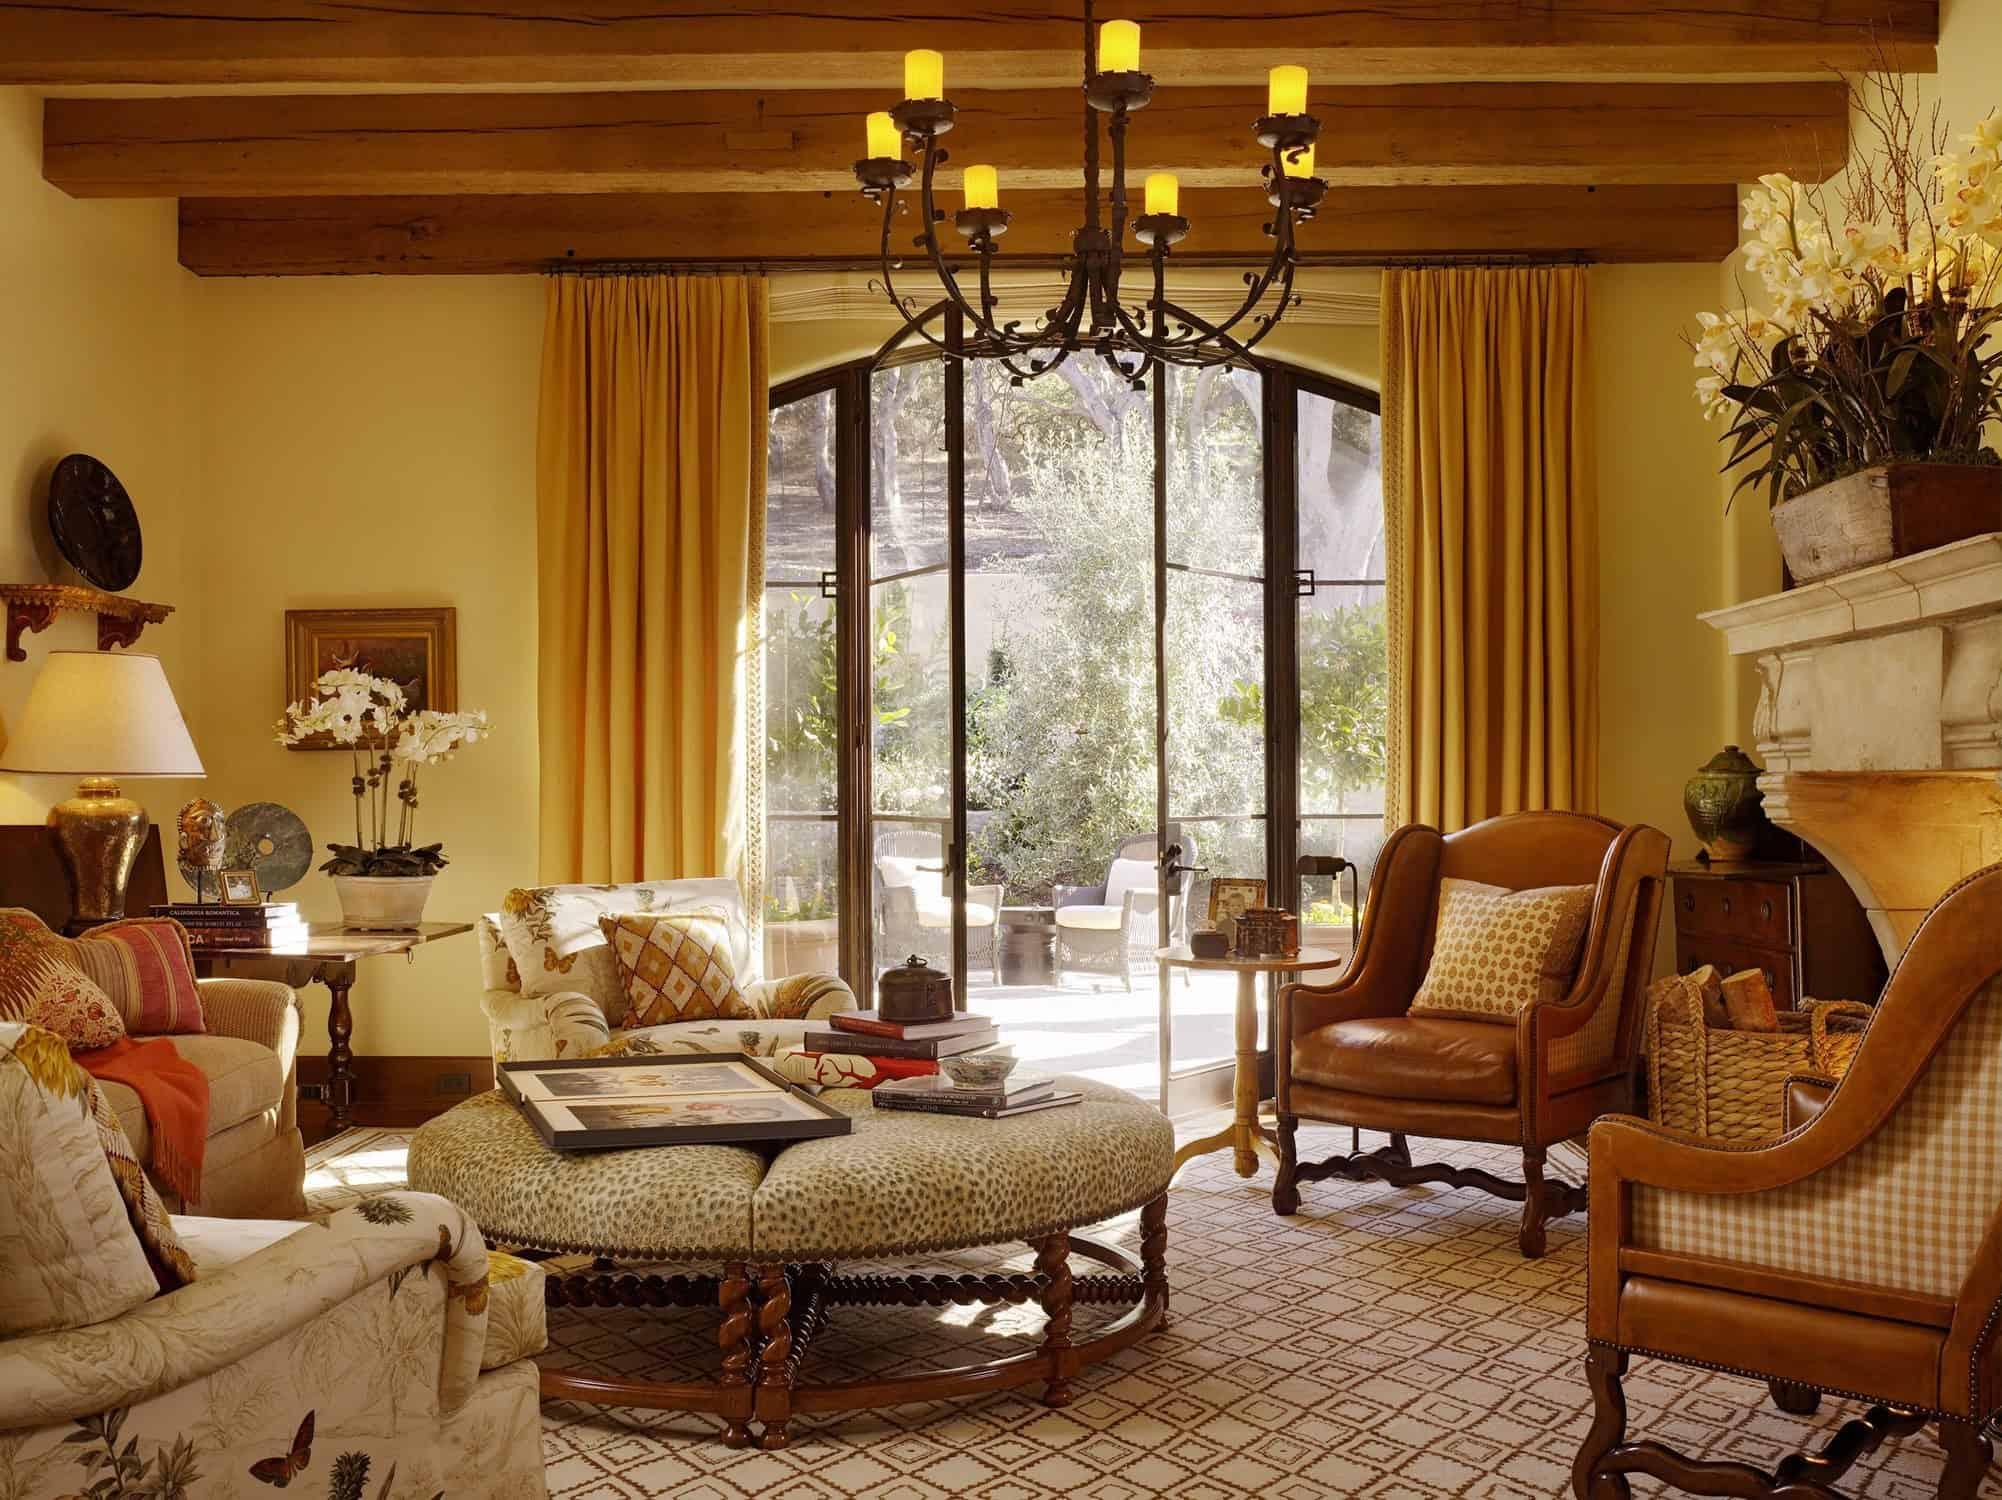 Carmel-Valley-Residence-Tucker-Marks-09-1 Kindesign